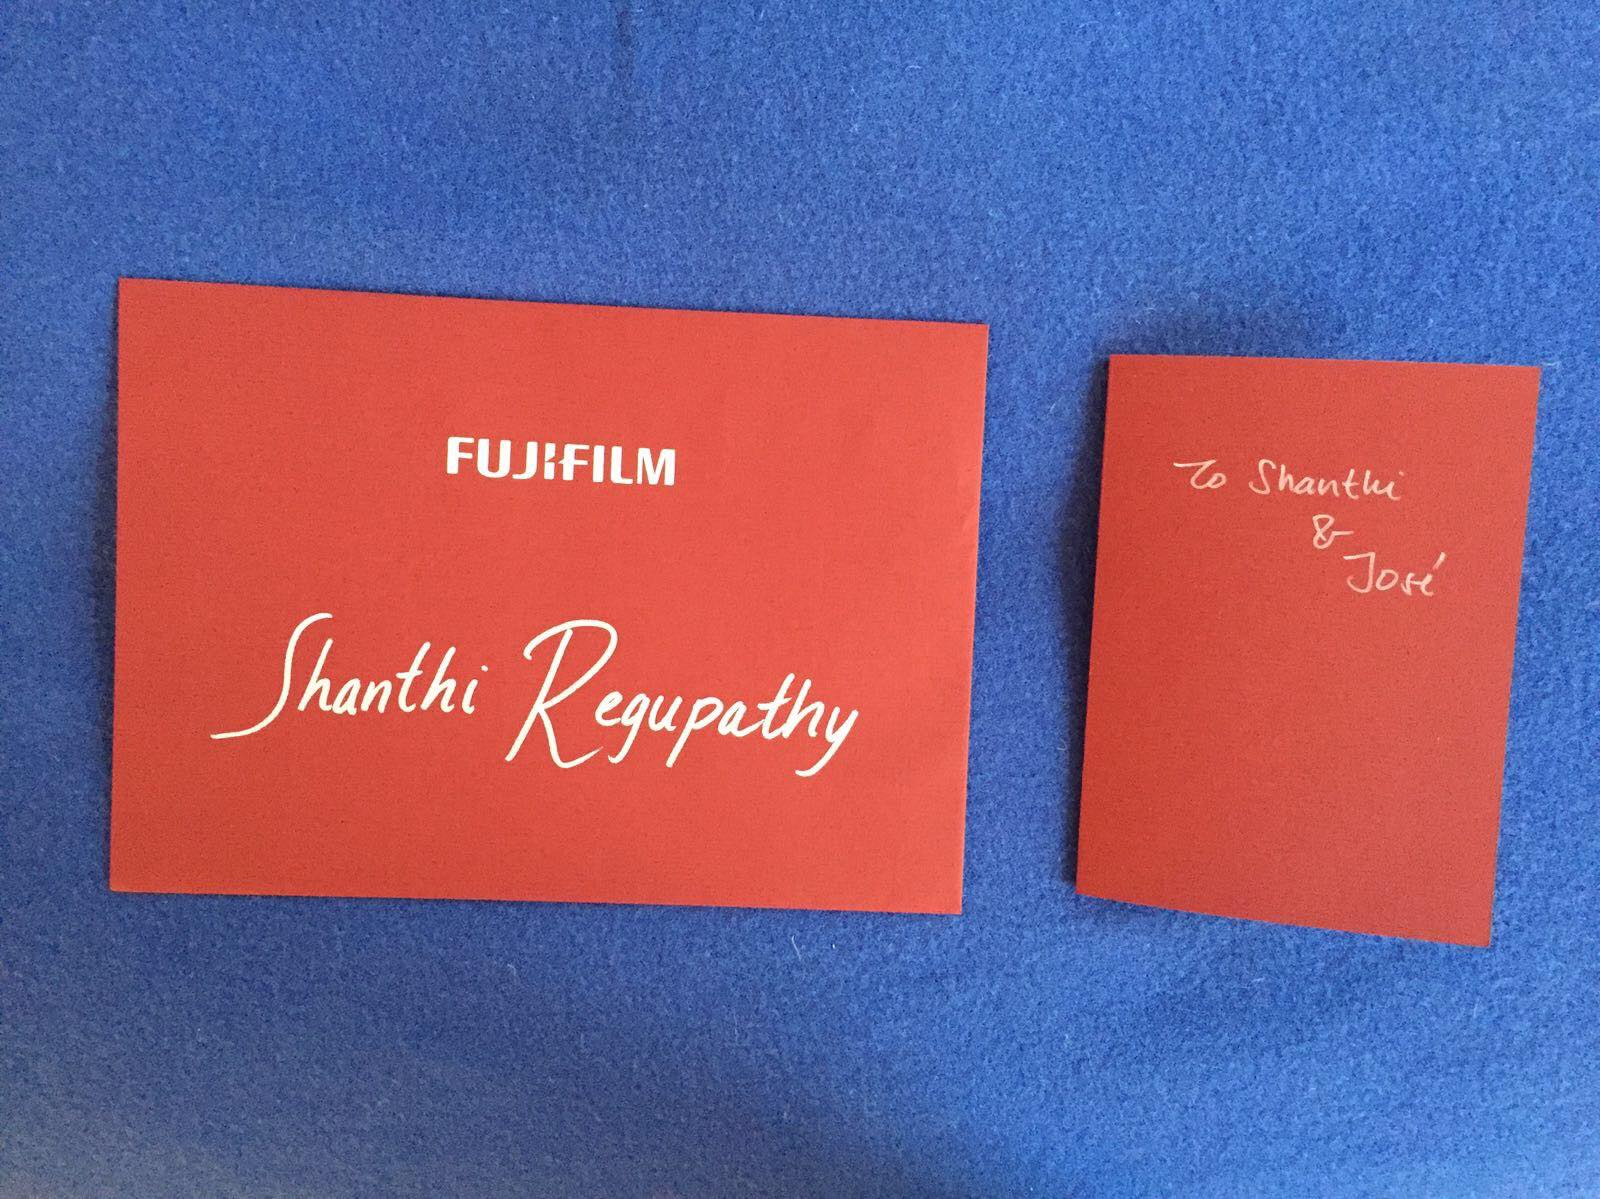 FUJIFILM World X-Photographers cz prague photography exhibition travel street jose jeuland shanthi